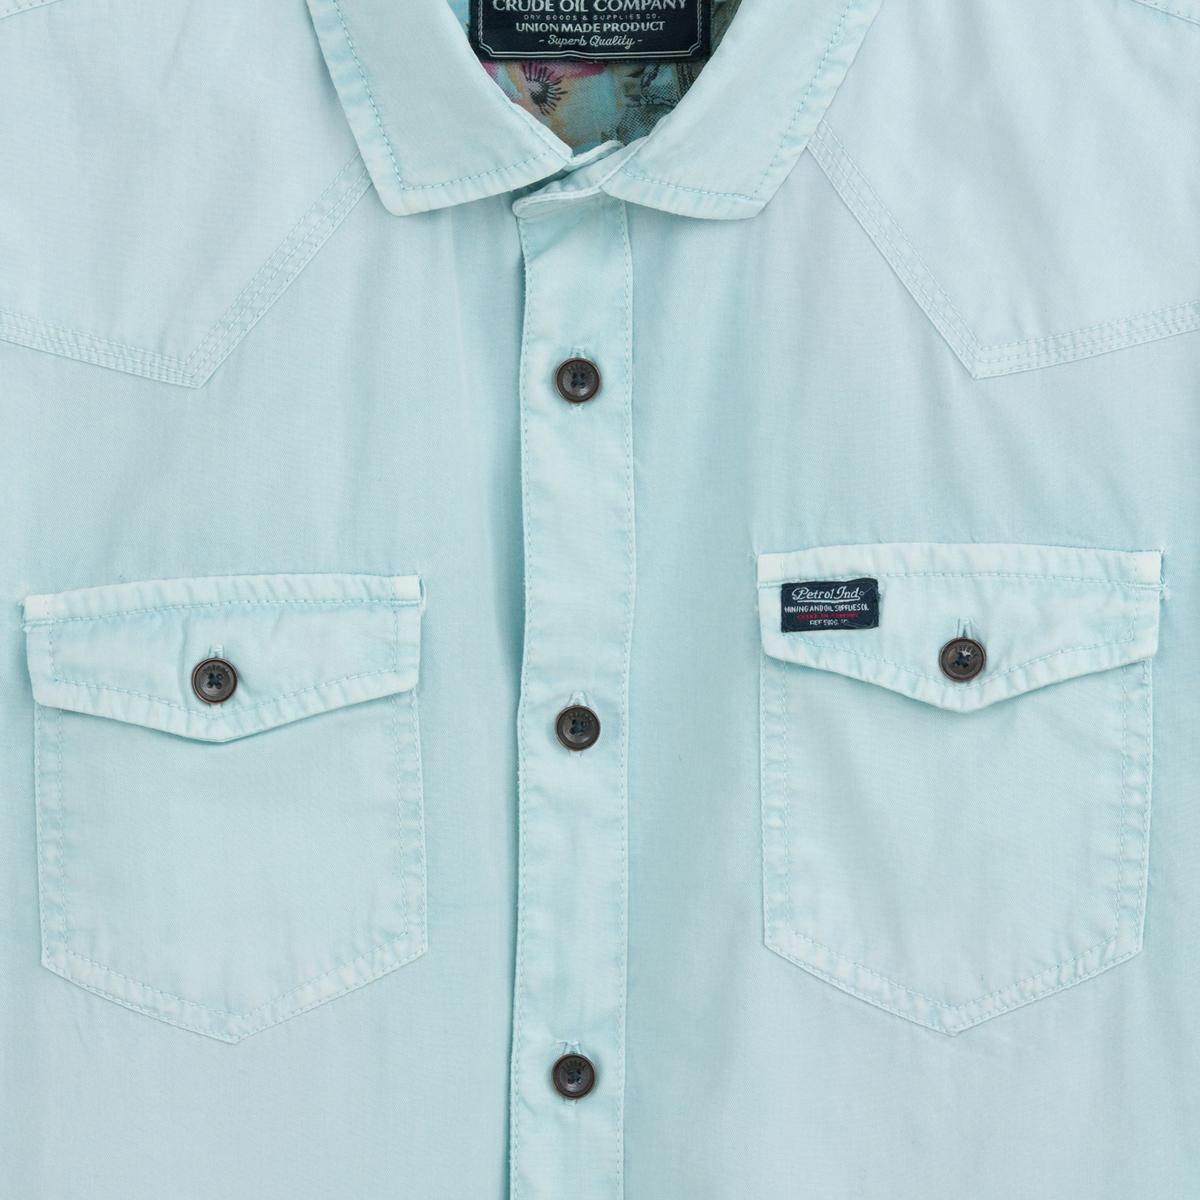 где купить Рубашка с короткими рукавами по лучшей цене